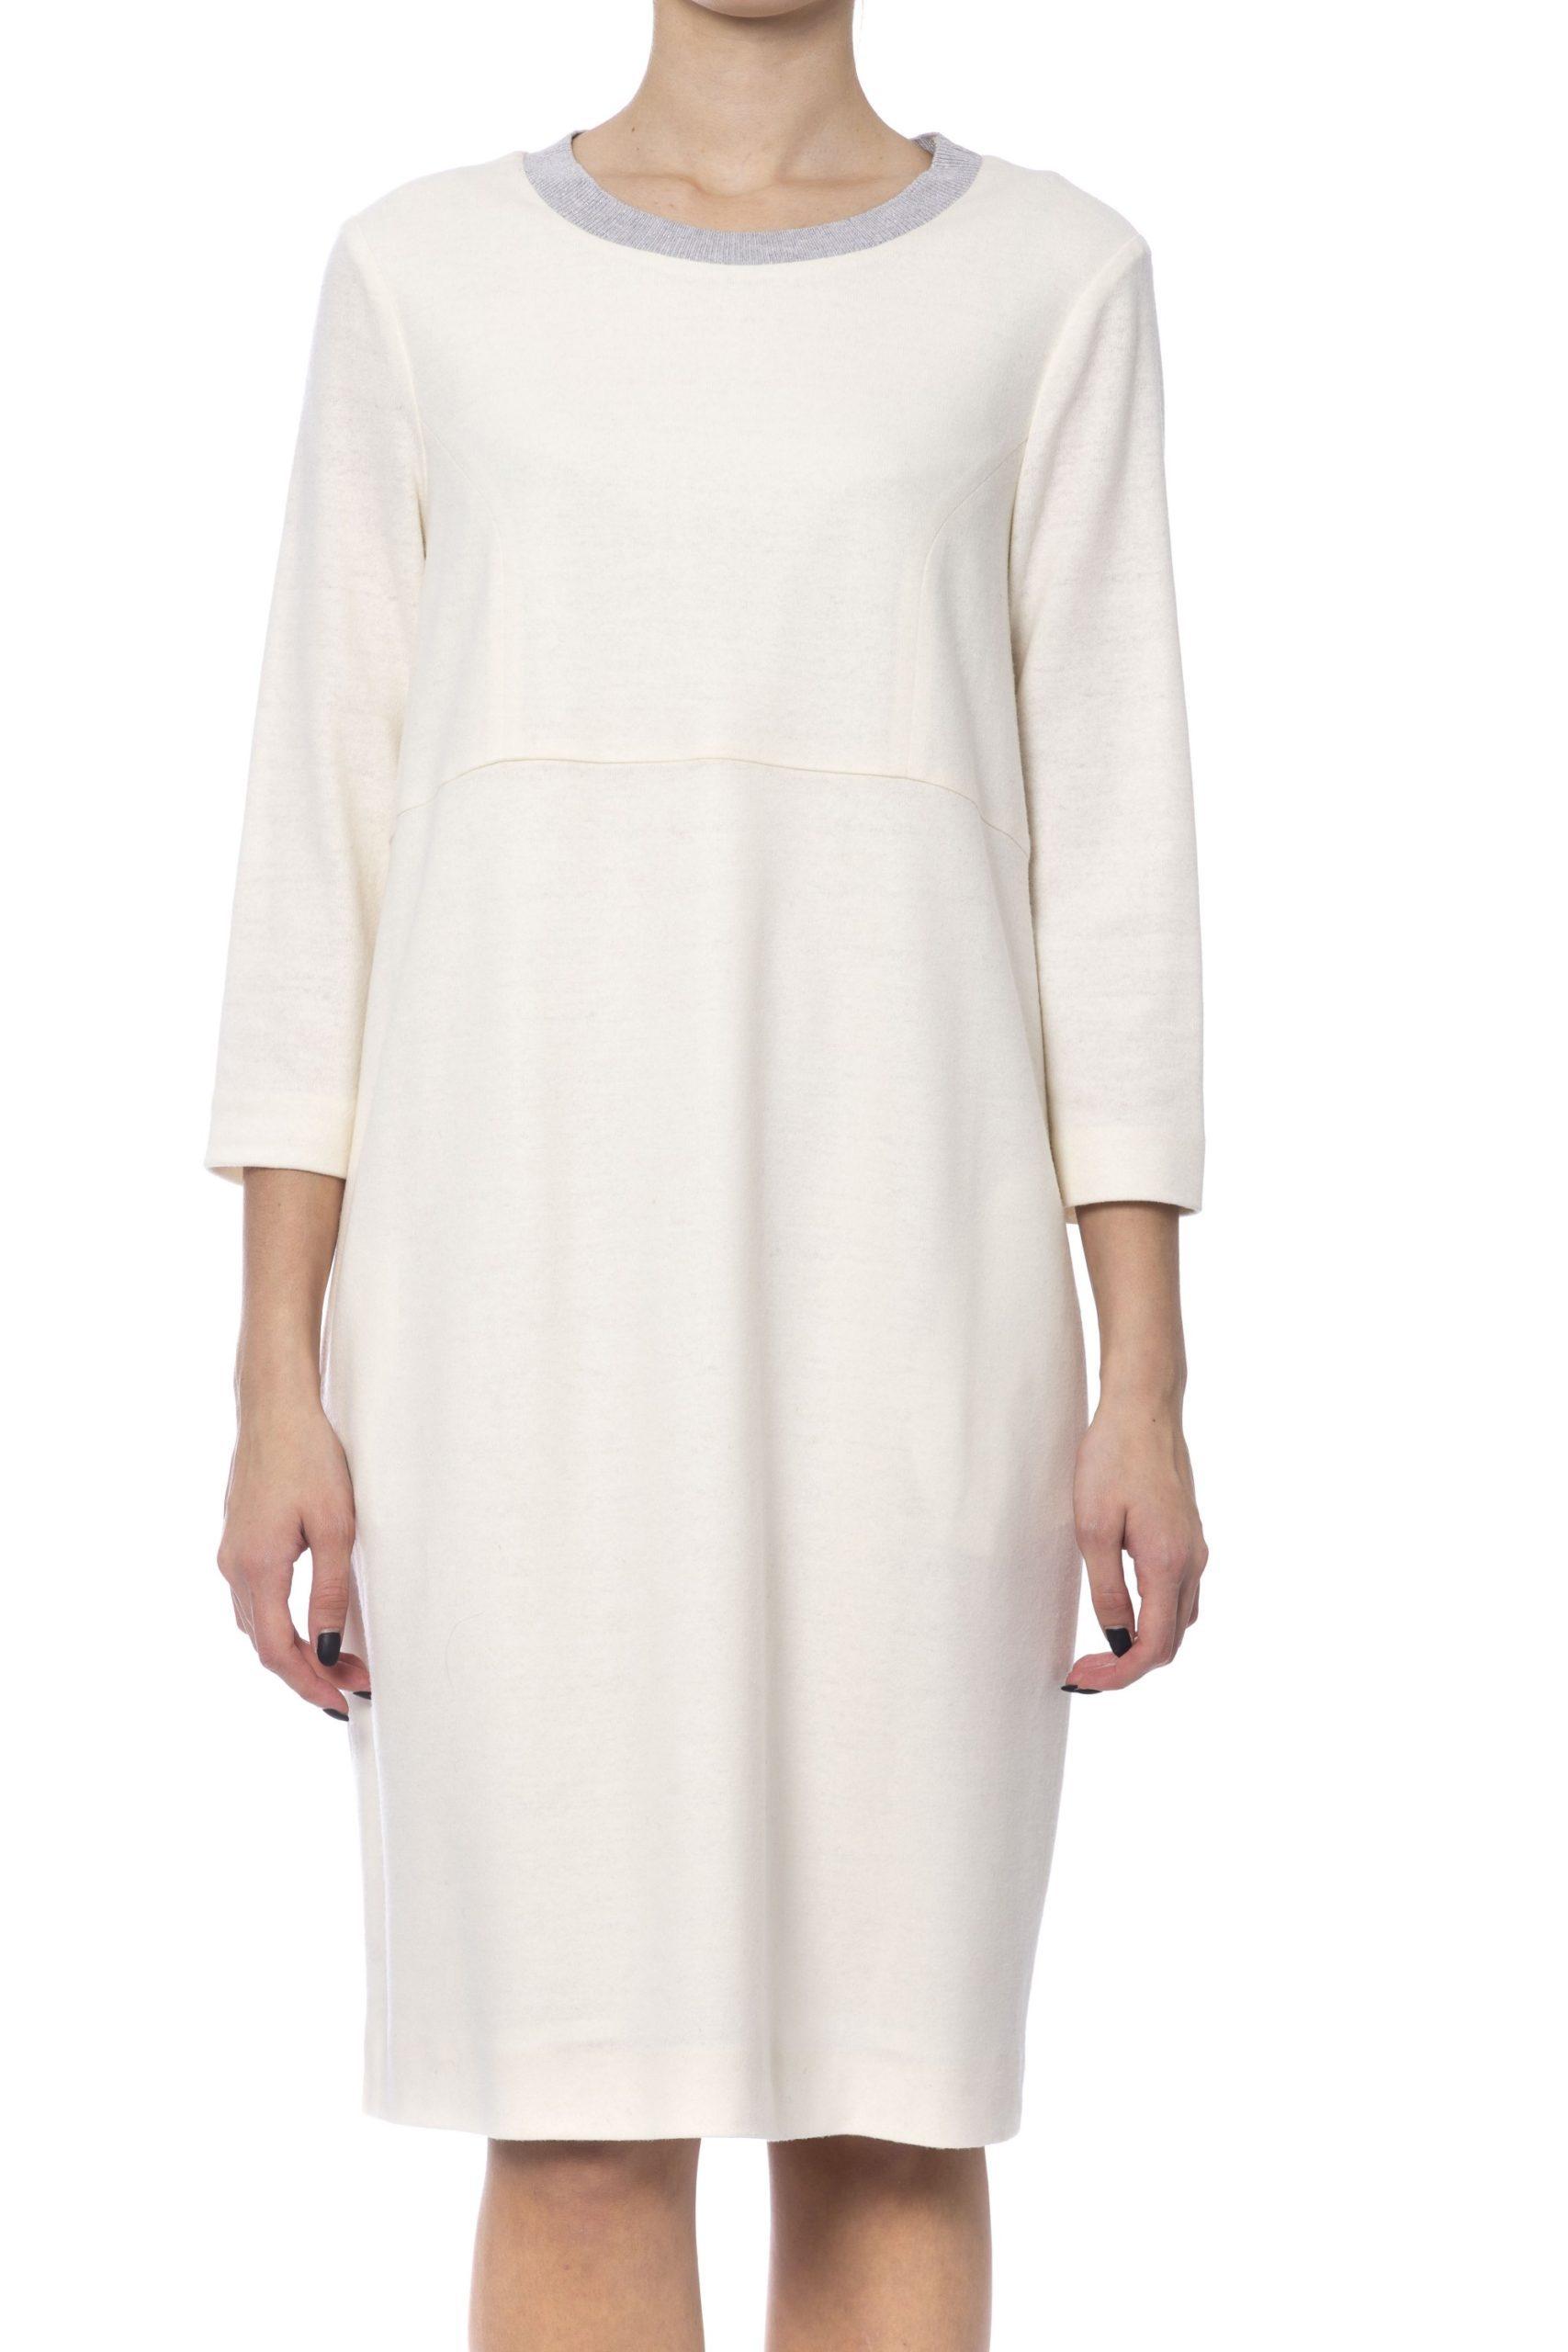 Peserico Women's Dress Beige PE993670 - IT42 | S